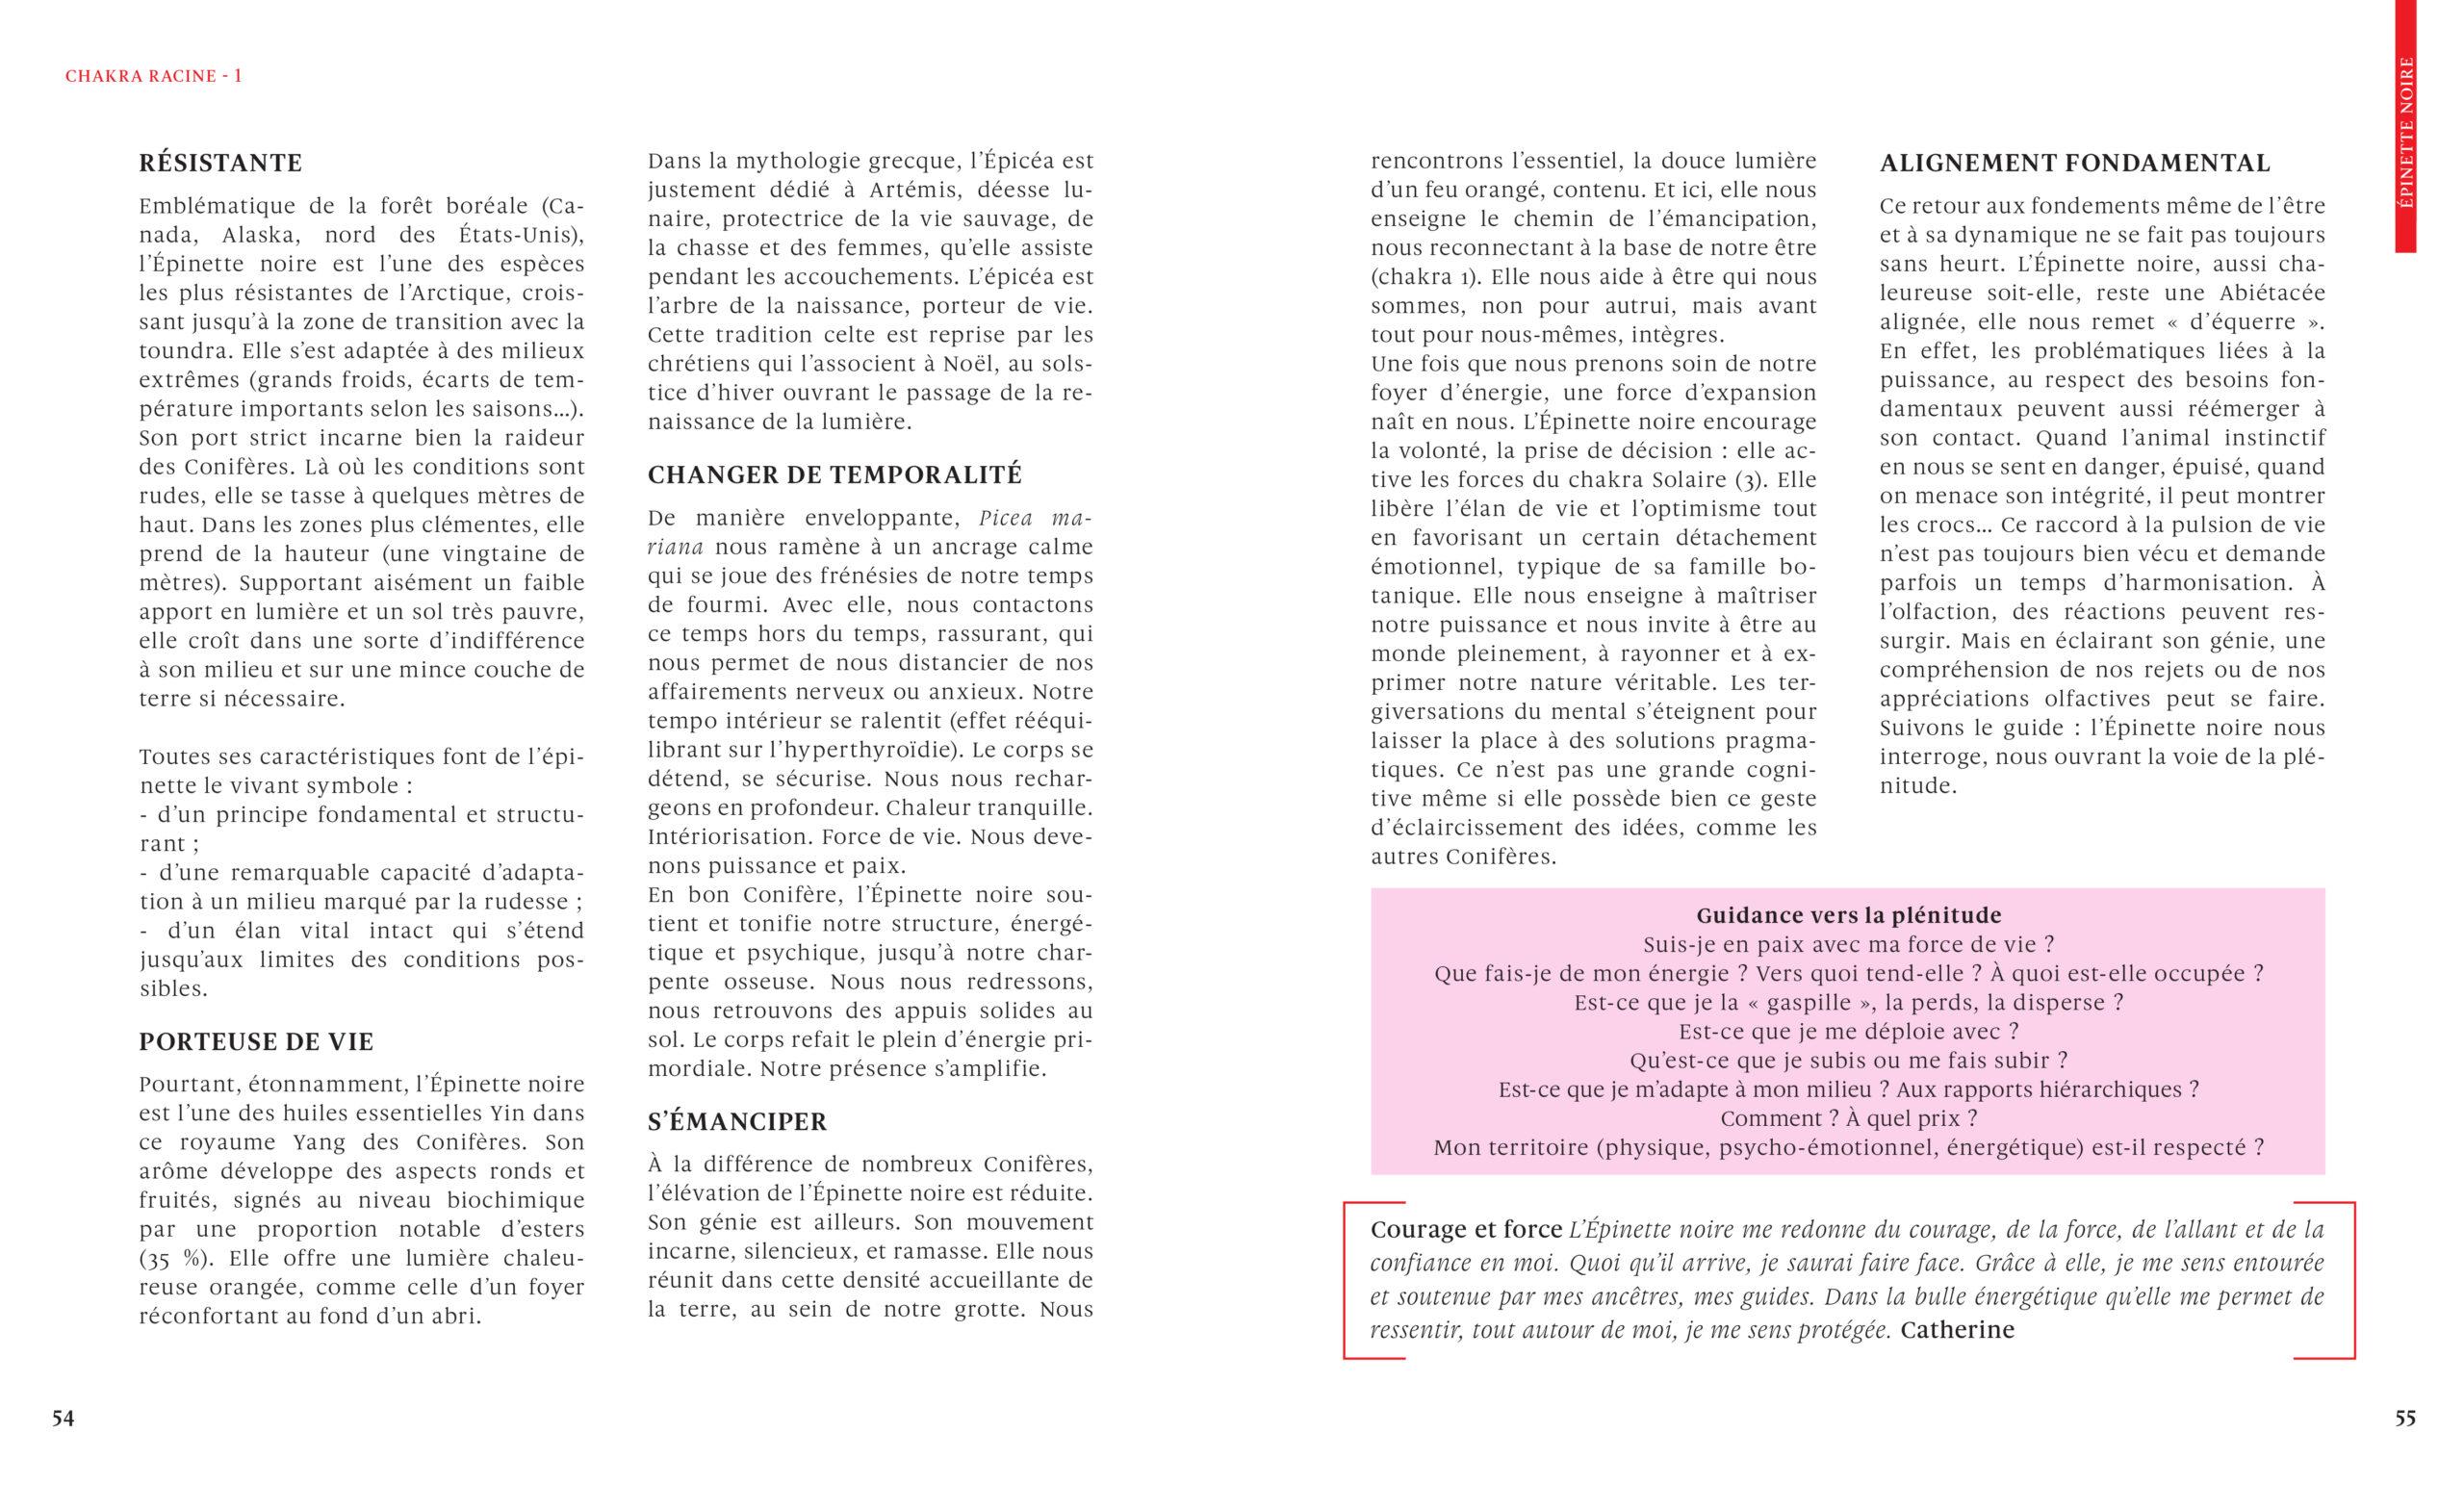 Epinette-noire-Le-grand-livre-des-huiles-essentielles